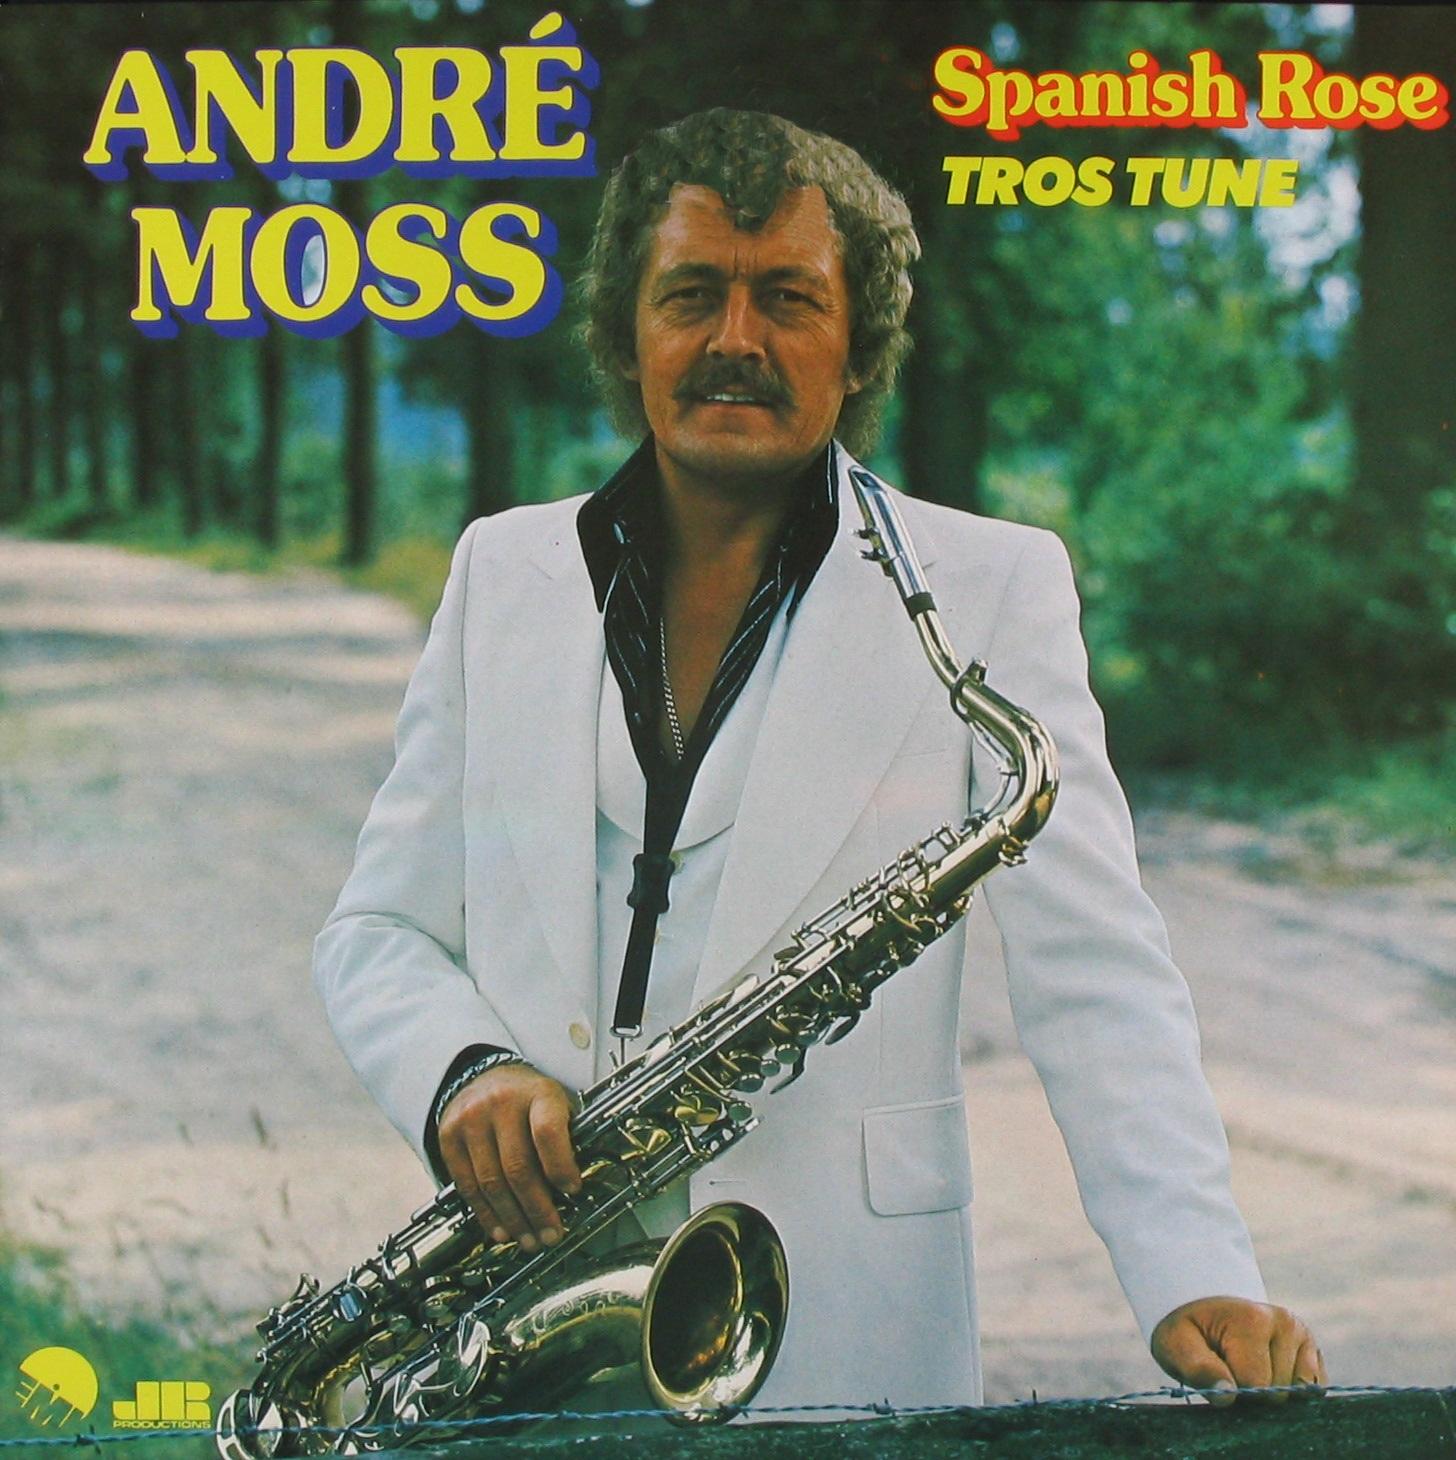 andre_moss-spanish_rose_a.jpg